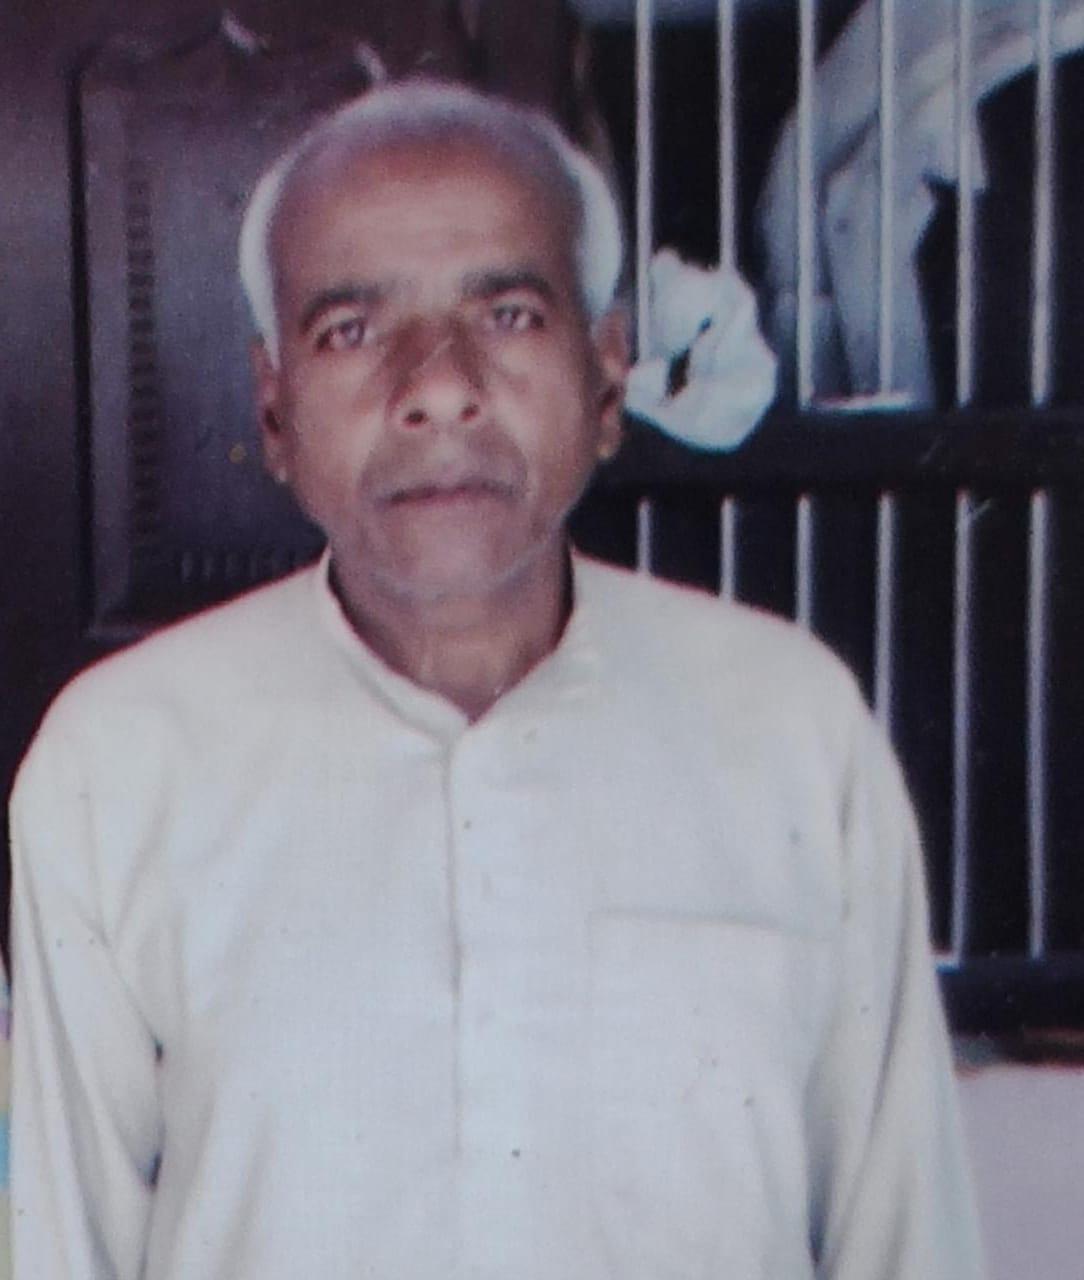 मधेपुरा:समाजसेवी गरीबों के लिए भगवान कहें जाने वाले मिथिलेश झा पत्रकार के ससुर श्री हीरा झा का निधन पर शोक सम्वेदना व्यक्त किया गया